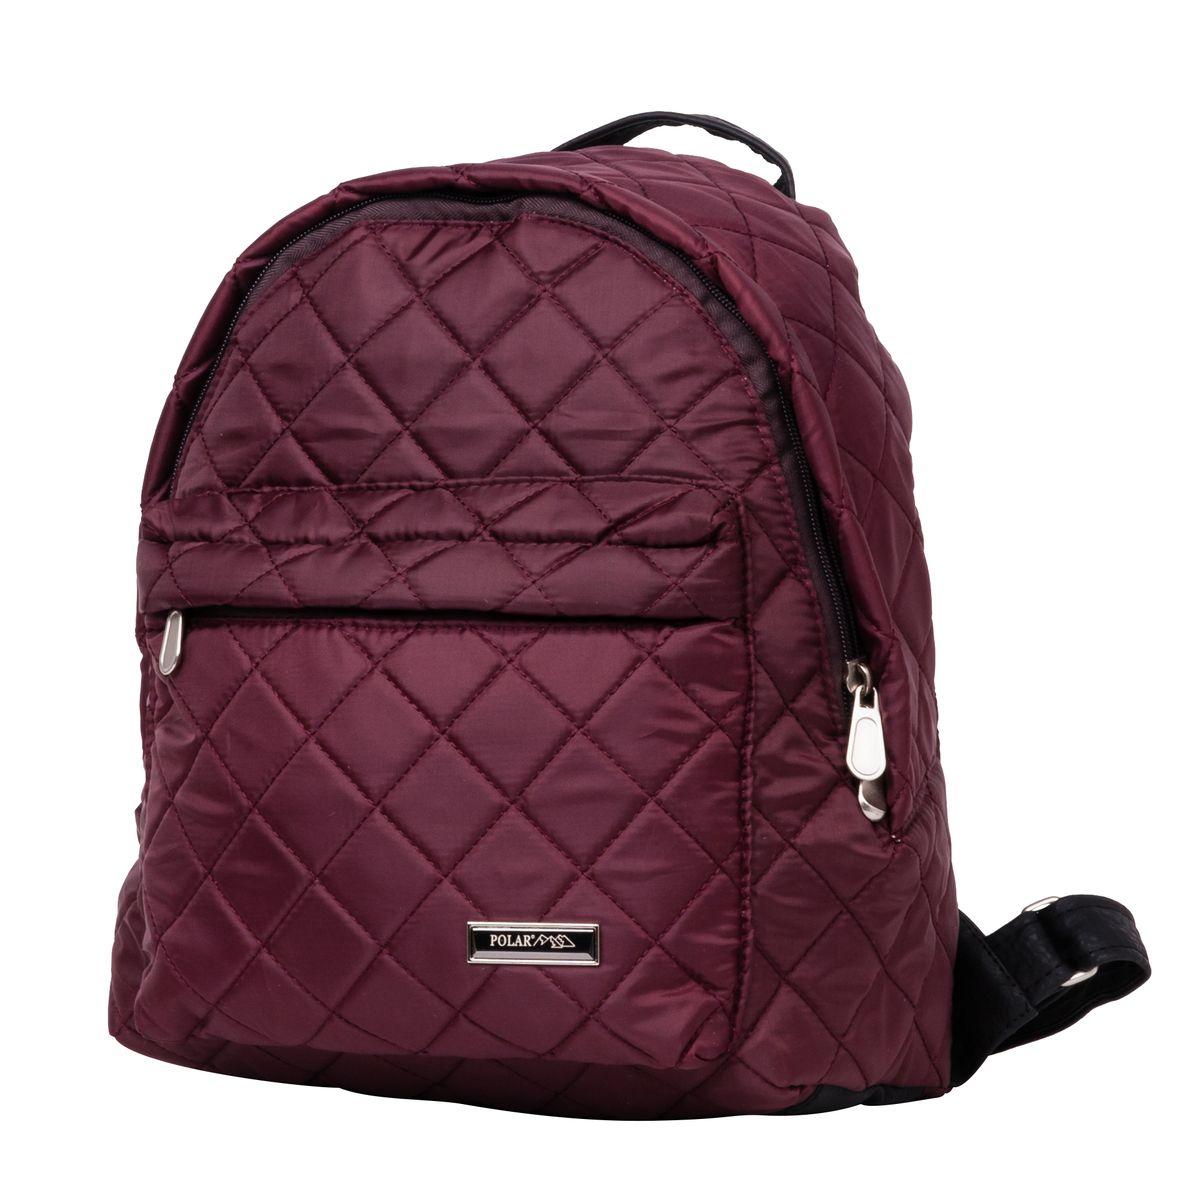 Рюкзак городской Polar, цвет: бордовый, 16 л. п7074-14Z90 blackНебольшой и очень удобный рюкзак Polar для повседневного использования. Внутри расположены два небольших открытых кармана и карман на молнии. Снаружи на передней стенке рюкзака вместительный накладной кармана на молнии. Рюкзак выполнен из стеганого материала, дно и лямки имеют вставки из экокожи. Сверху рюкзак имеет удобную ручку для переноски.